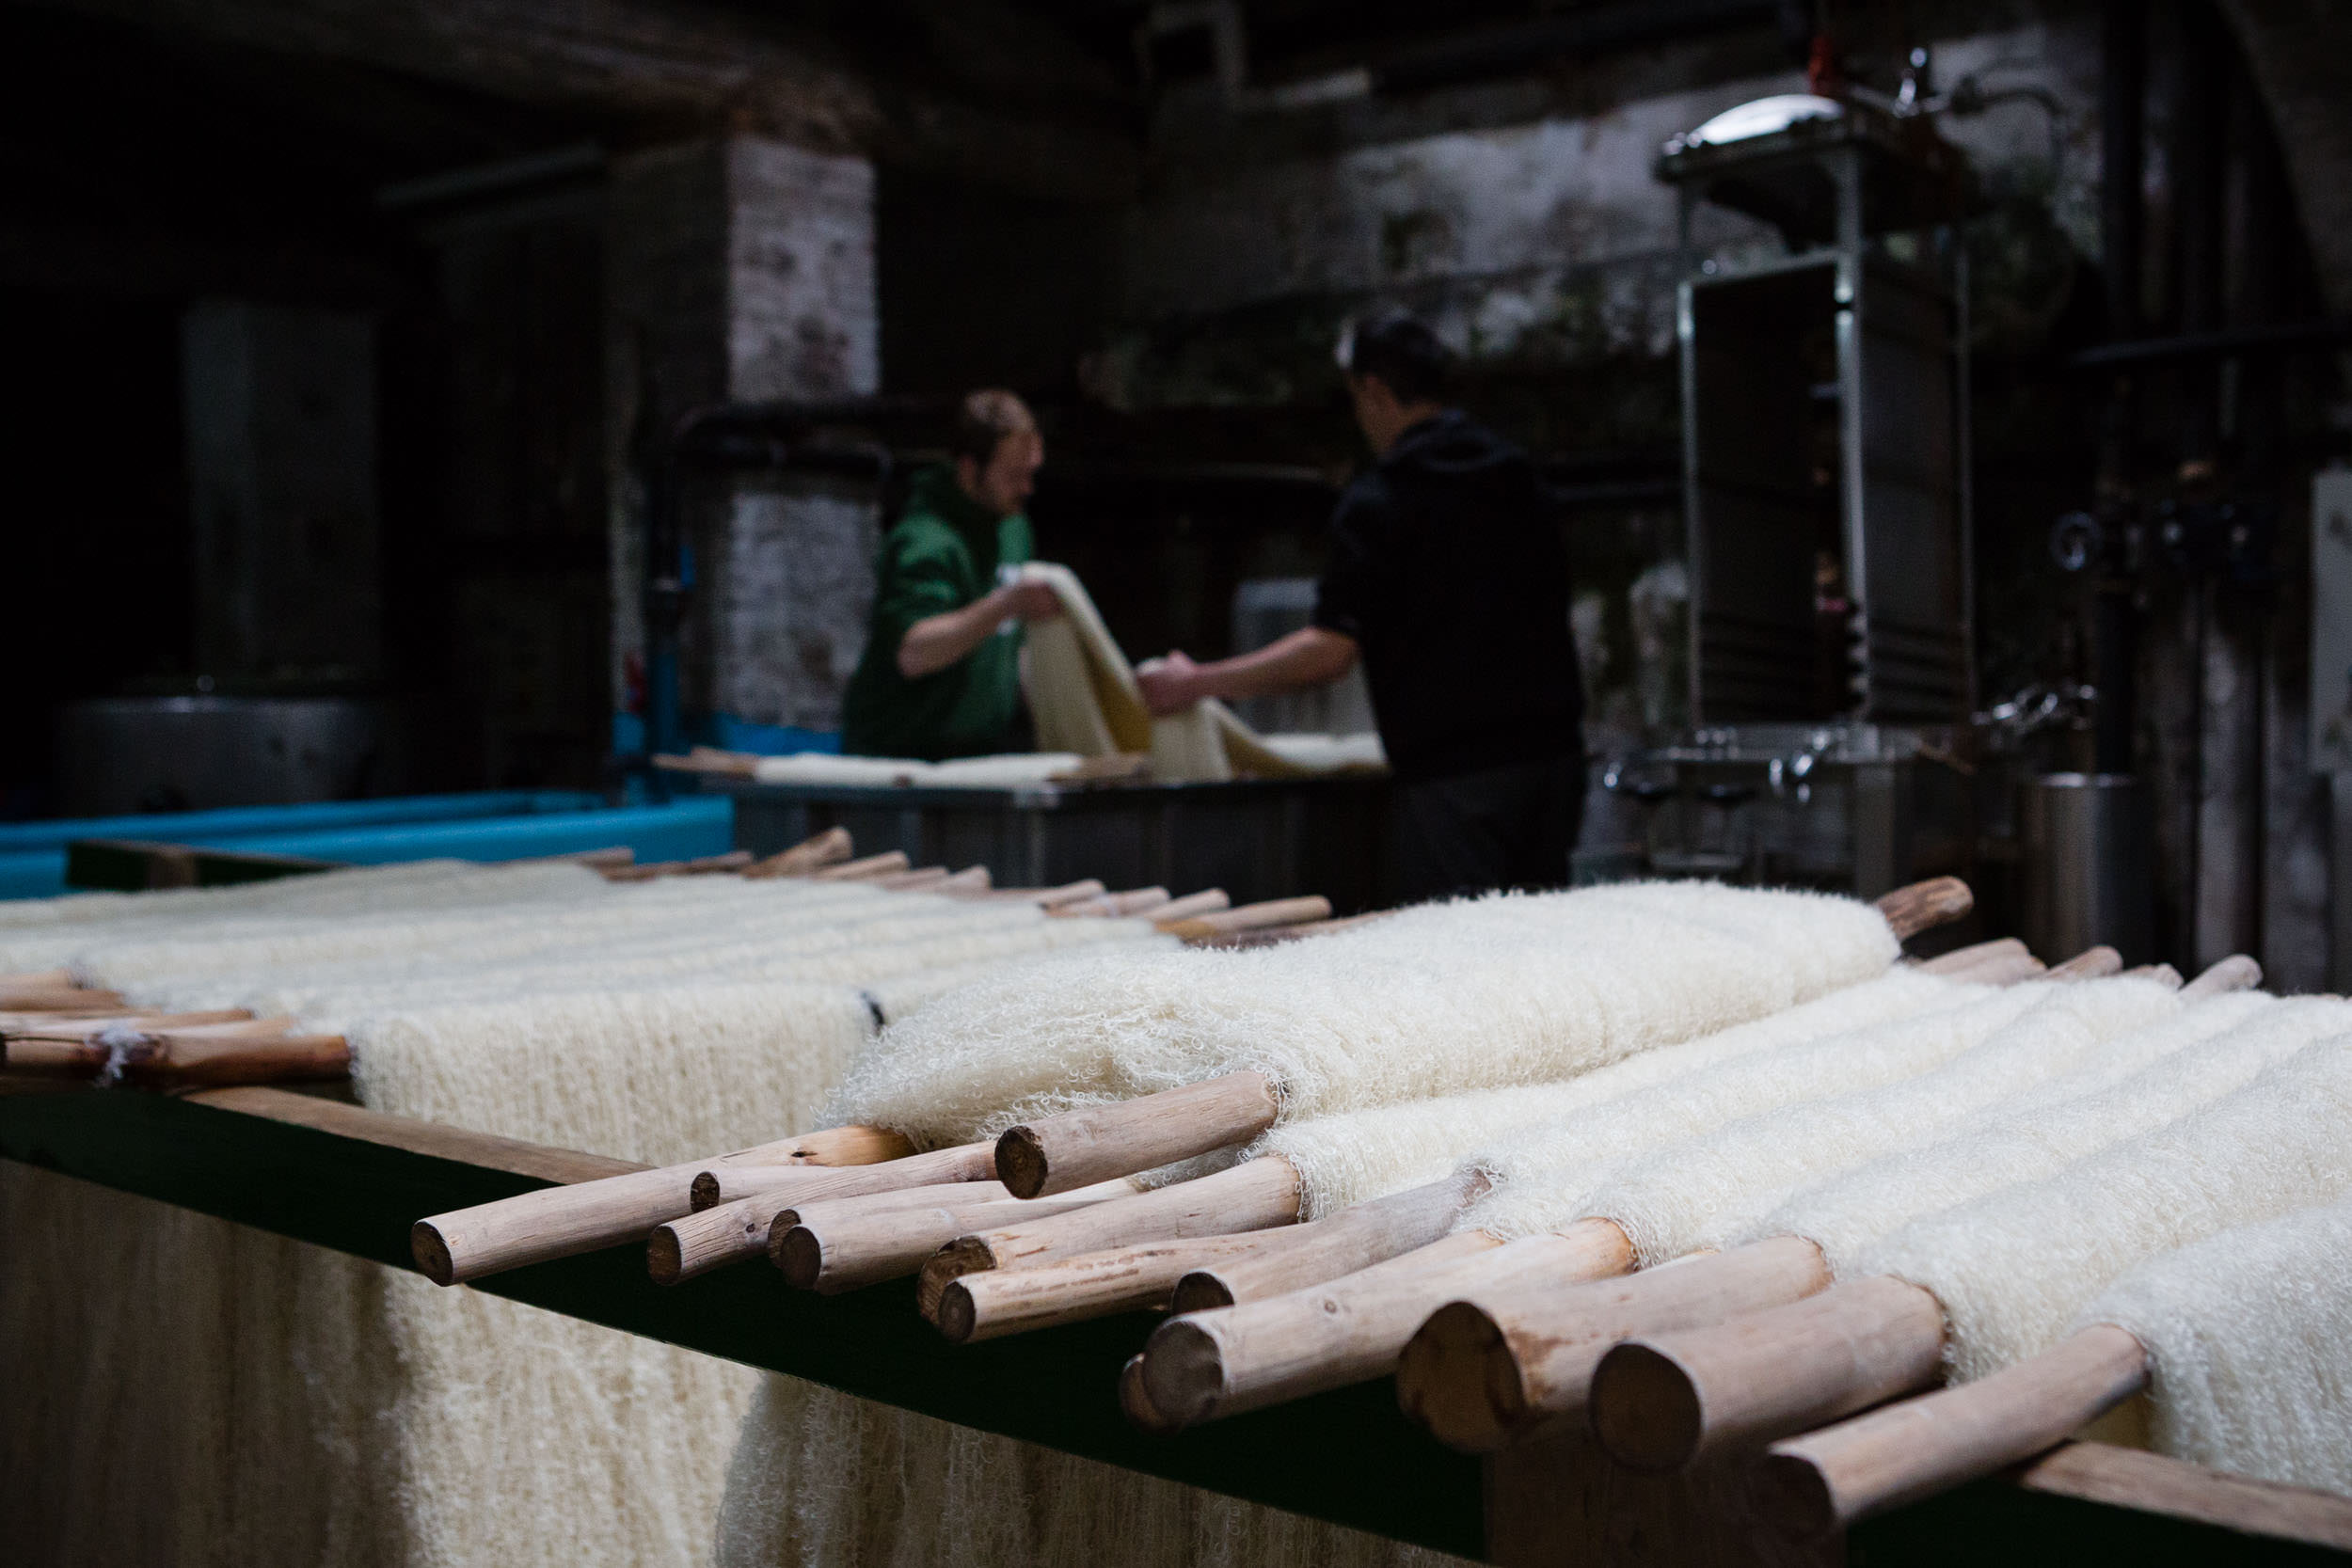 Fotografia Comercial Norte de Espana_ Mantas Ezcaray (La Rioja) - James Sturcke | sturcke.org_009.jpg